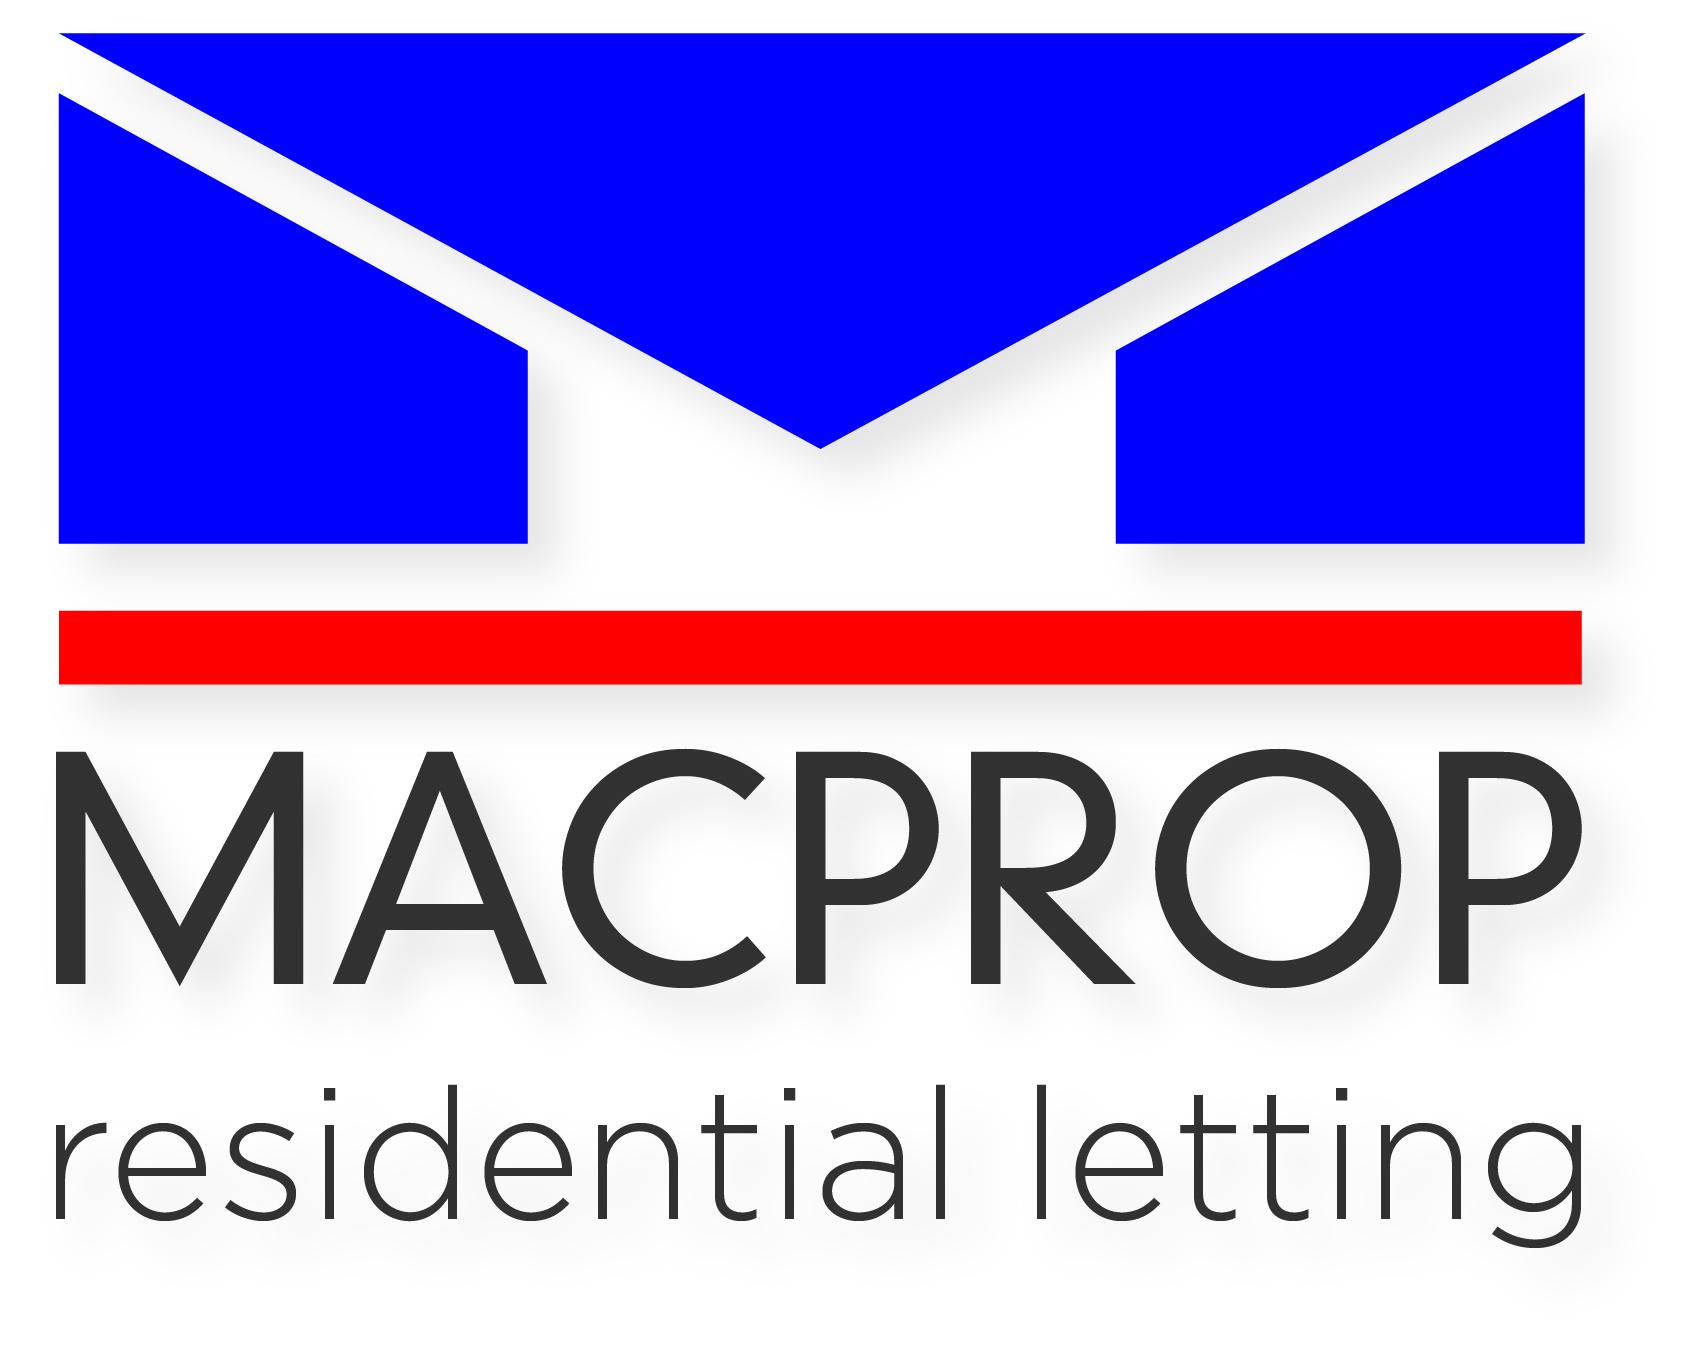 Macprop